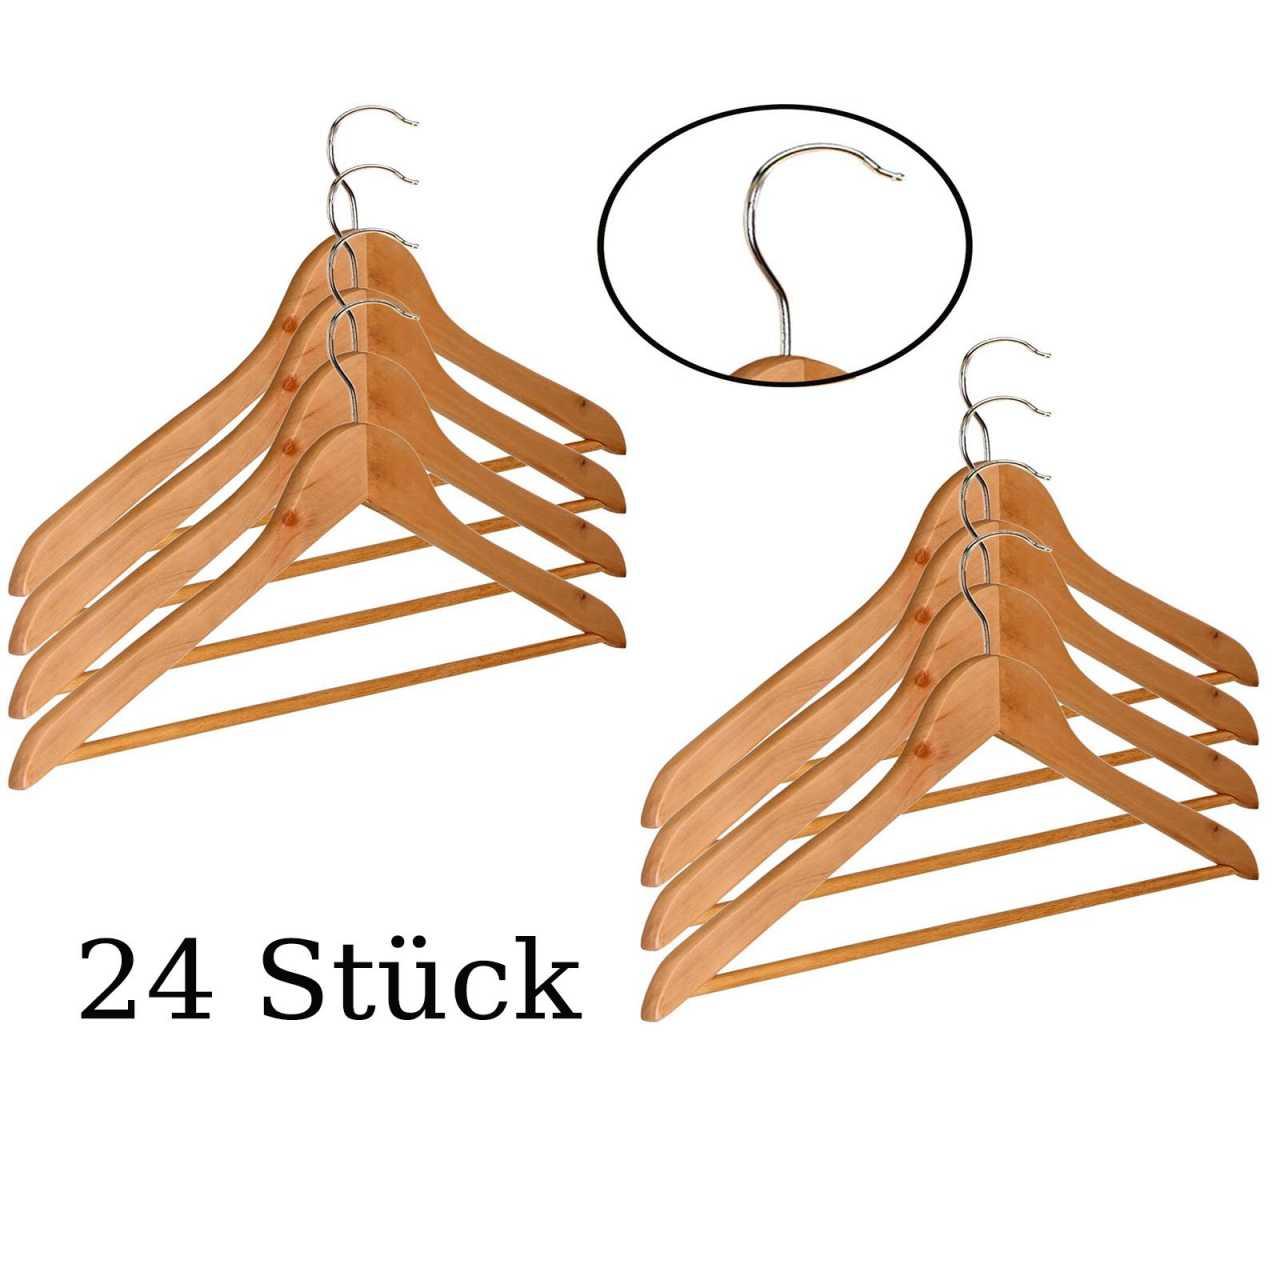 24 Stück Kleiderbügel aus Holz mit Hosenstange und Einkerbung für Träger